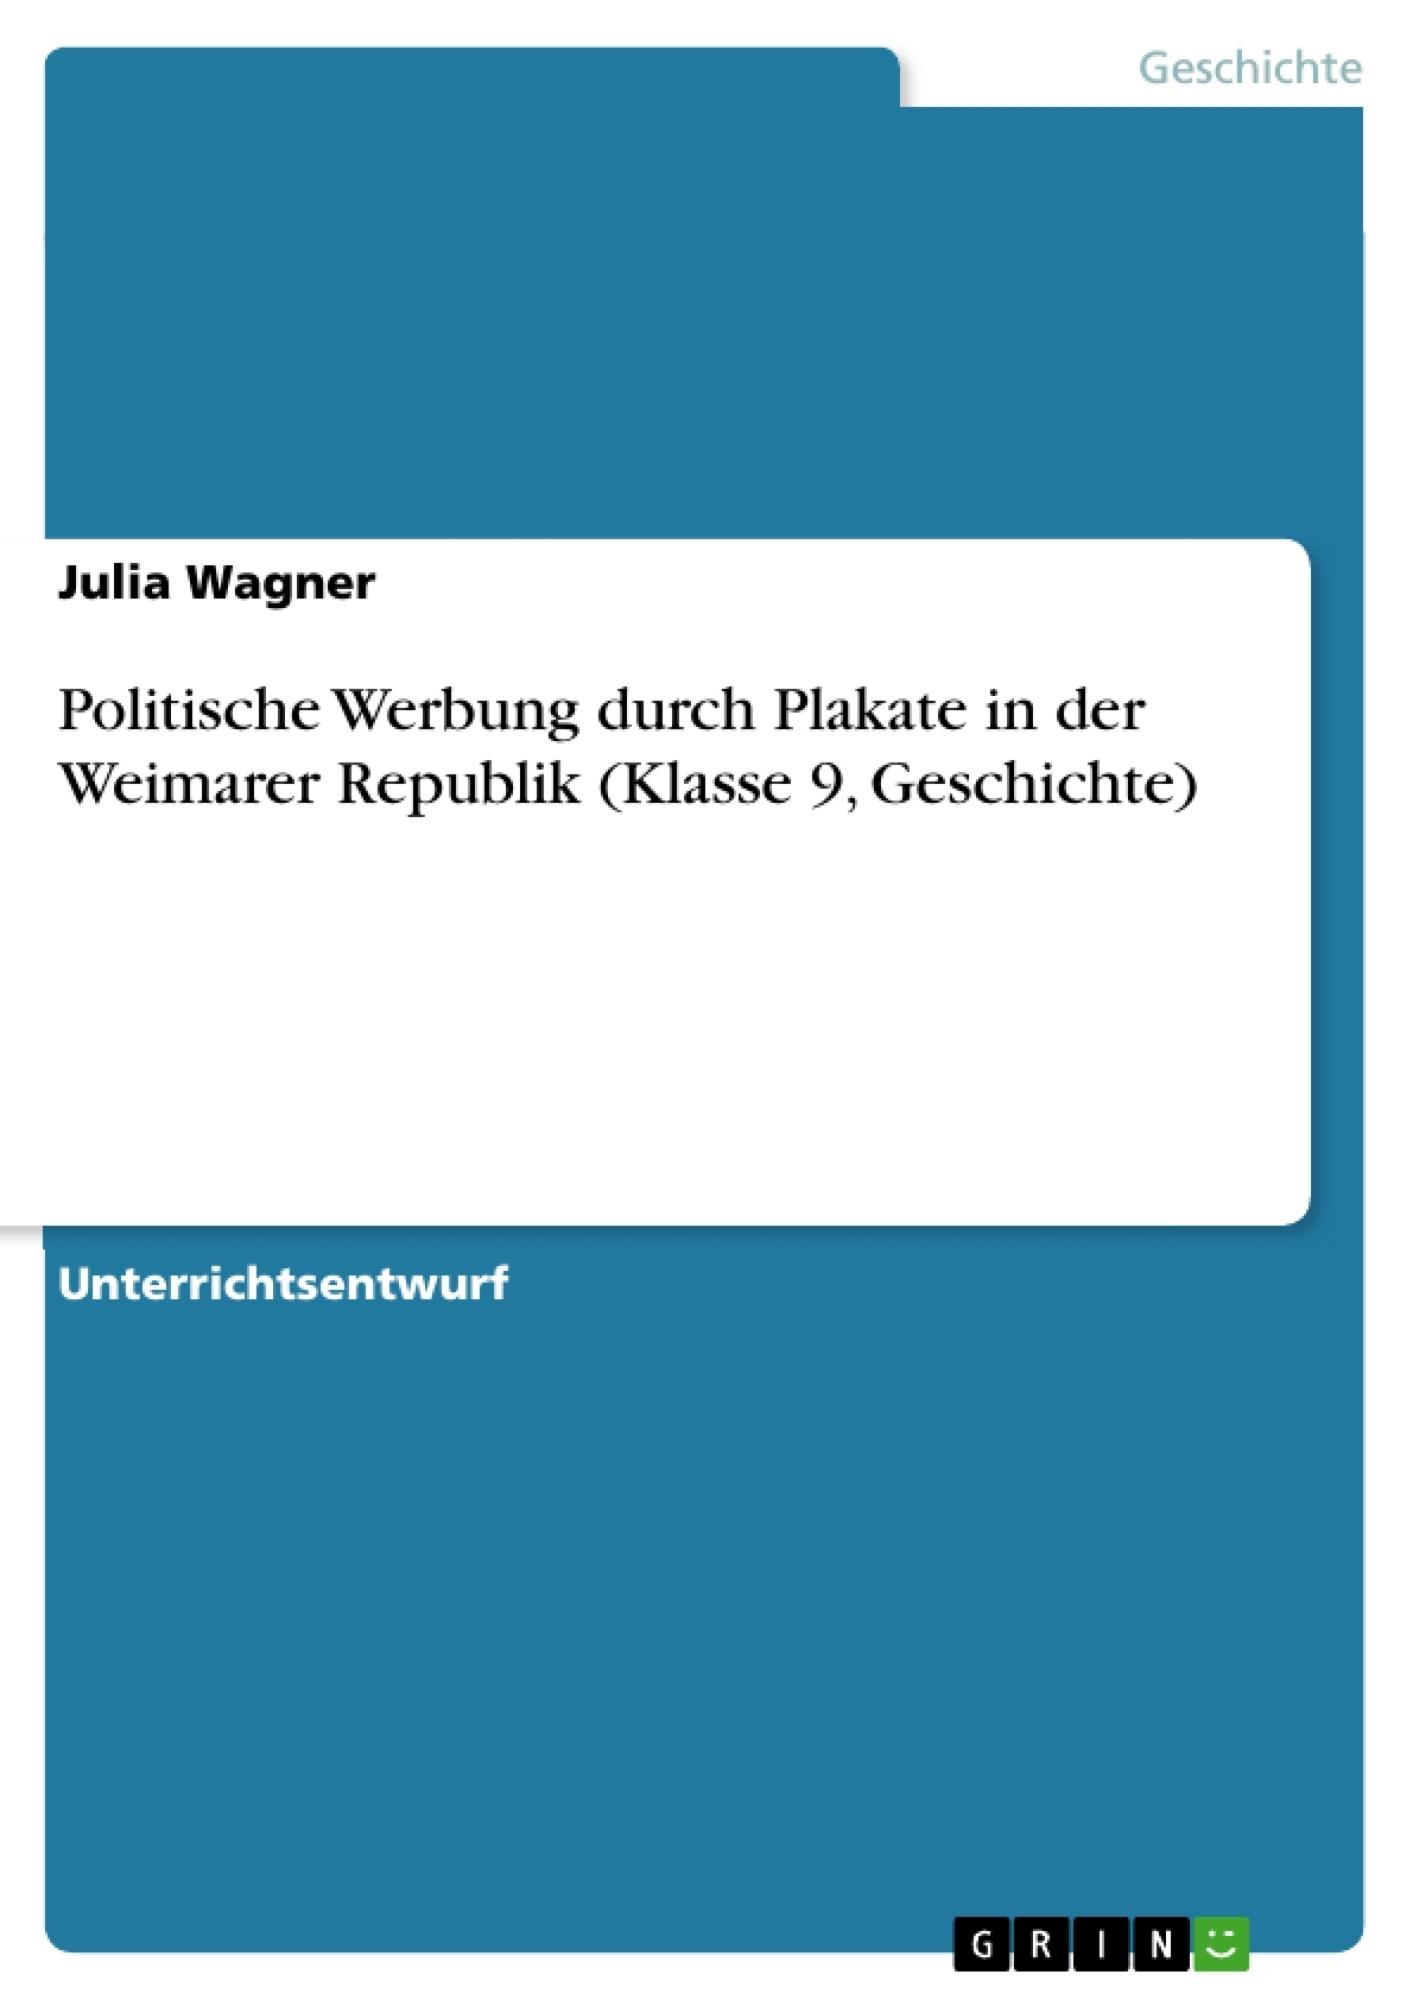 Titel: Politische Werbung durch Plakate in der Weimarer Republik (Klasse 9, Geschichte)